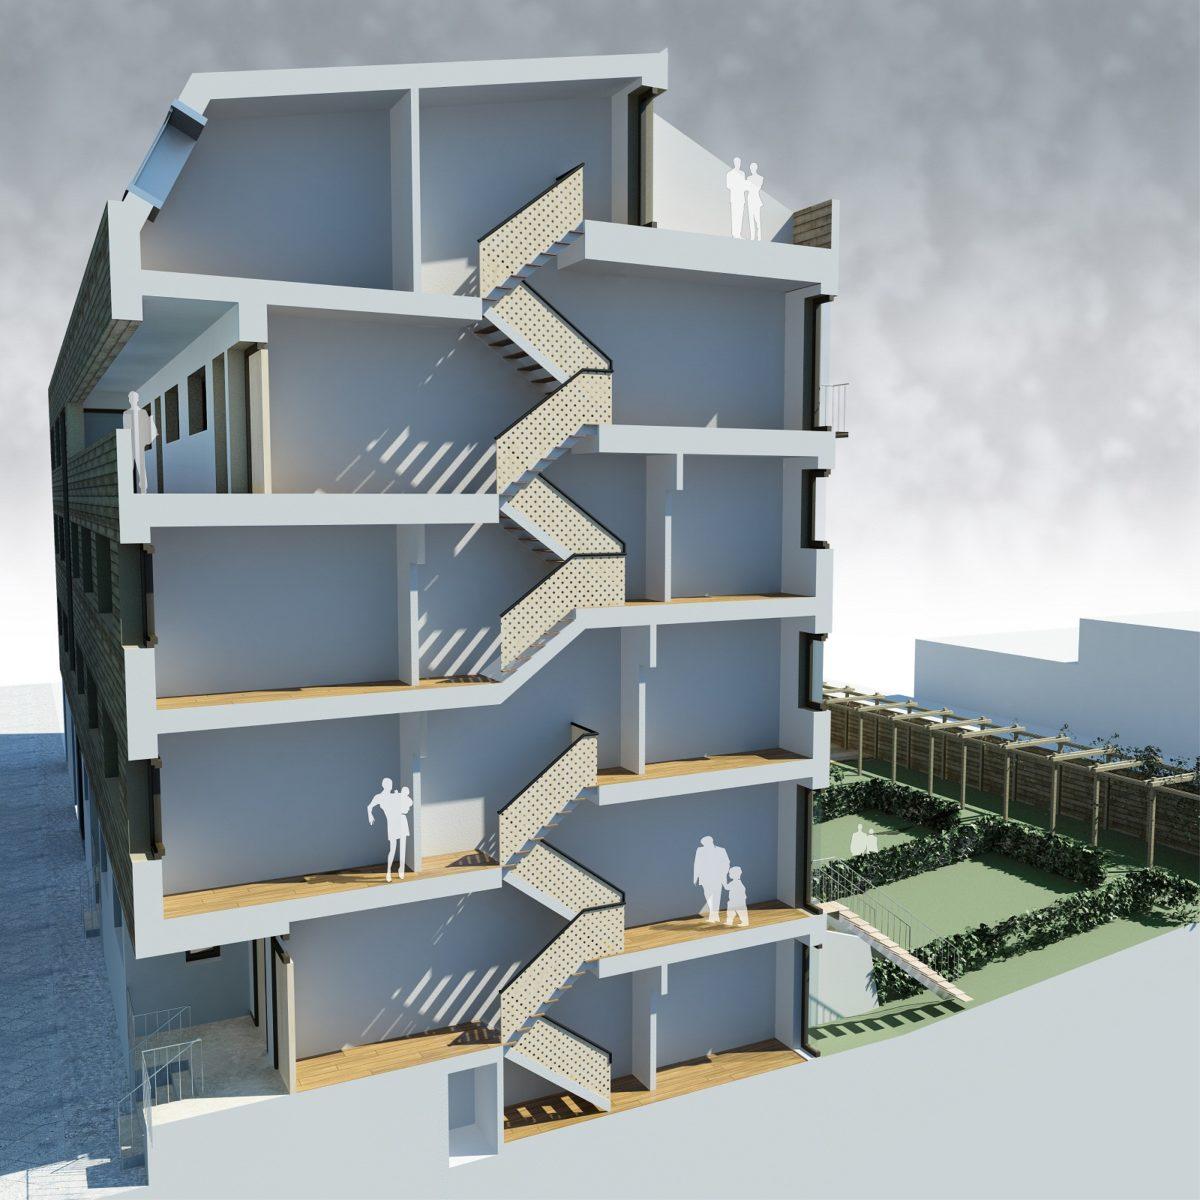 Wohnhaus Streustraße 72-73 – 13086 Berlin-Pankow_brandschutz plus eberl-pacan brandschutzplaner_Visualisierung Schnitt Treppenhaus